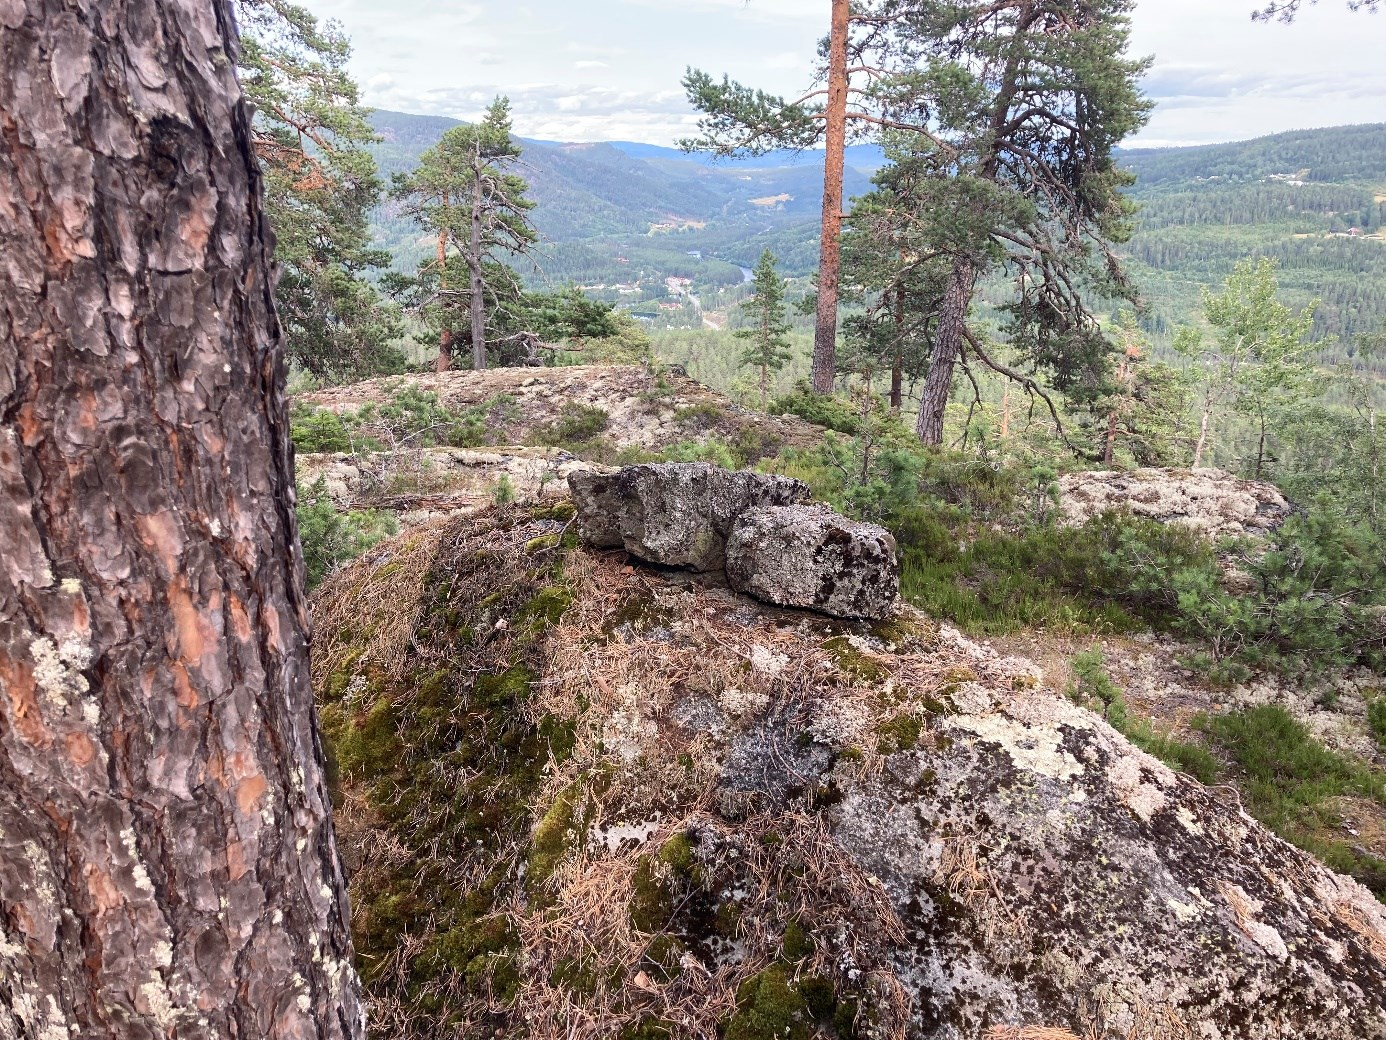 Et bilde som inneholder tre, stein, utendørs, fjellAutomatisk generert beskrivelse